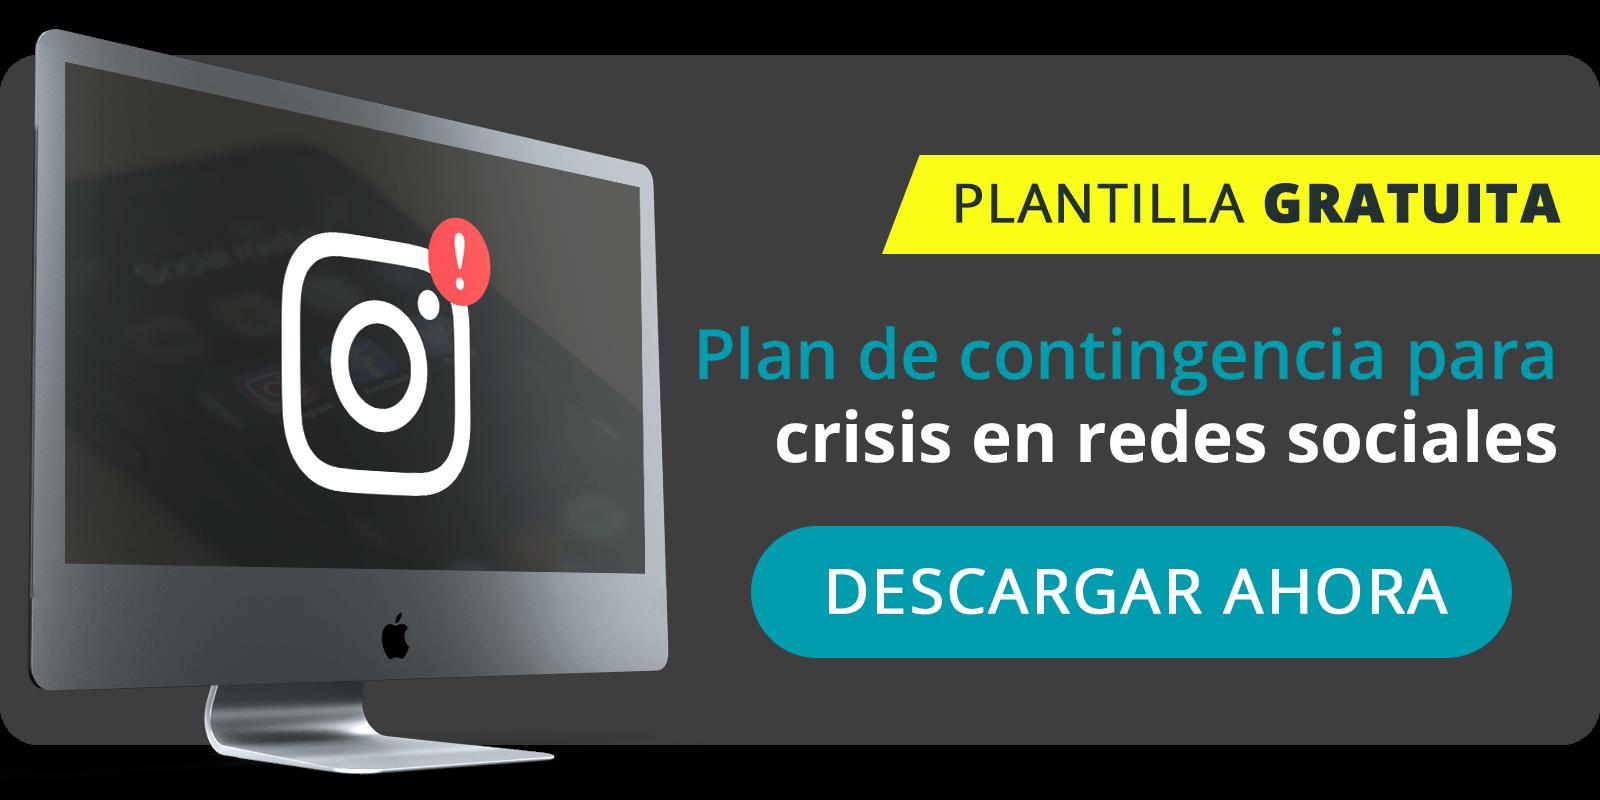 plan de contingencia de crisis en redes sociales